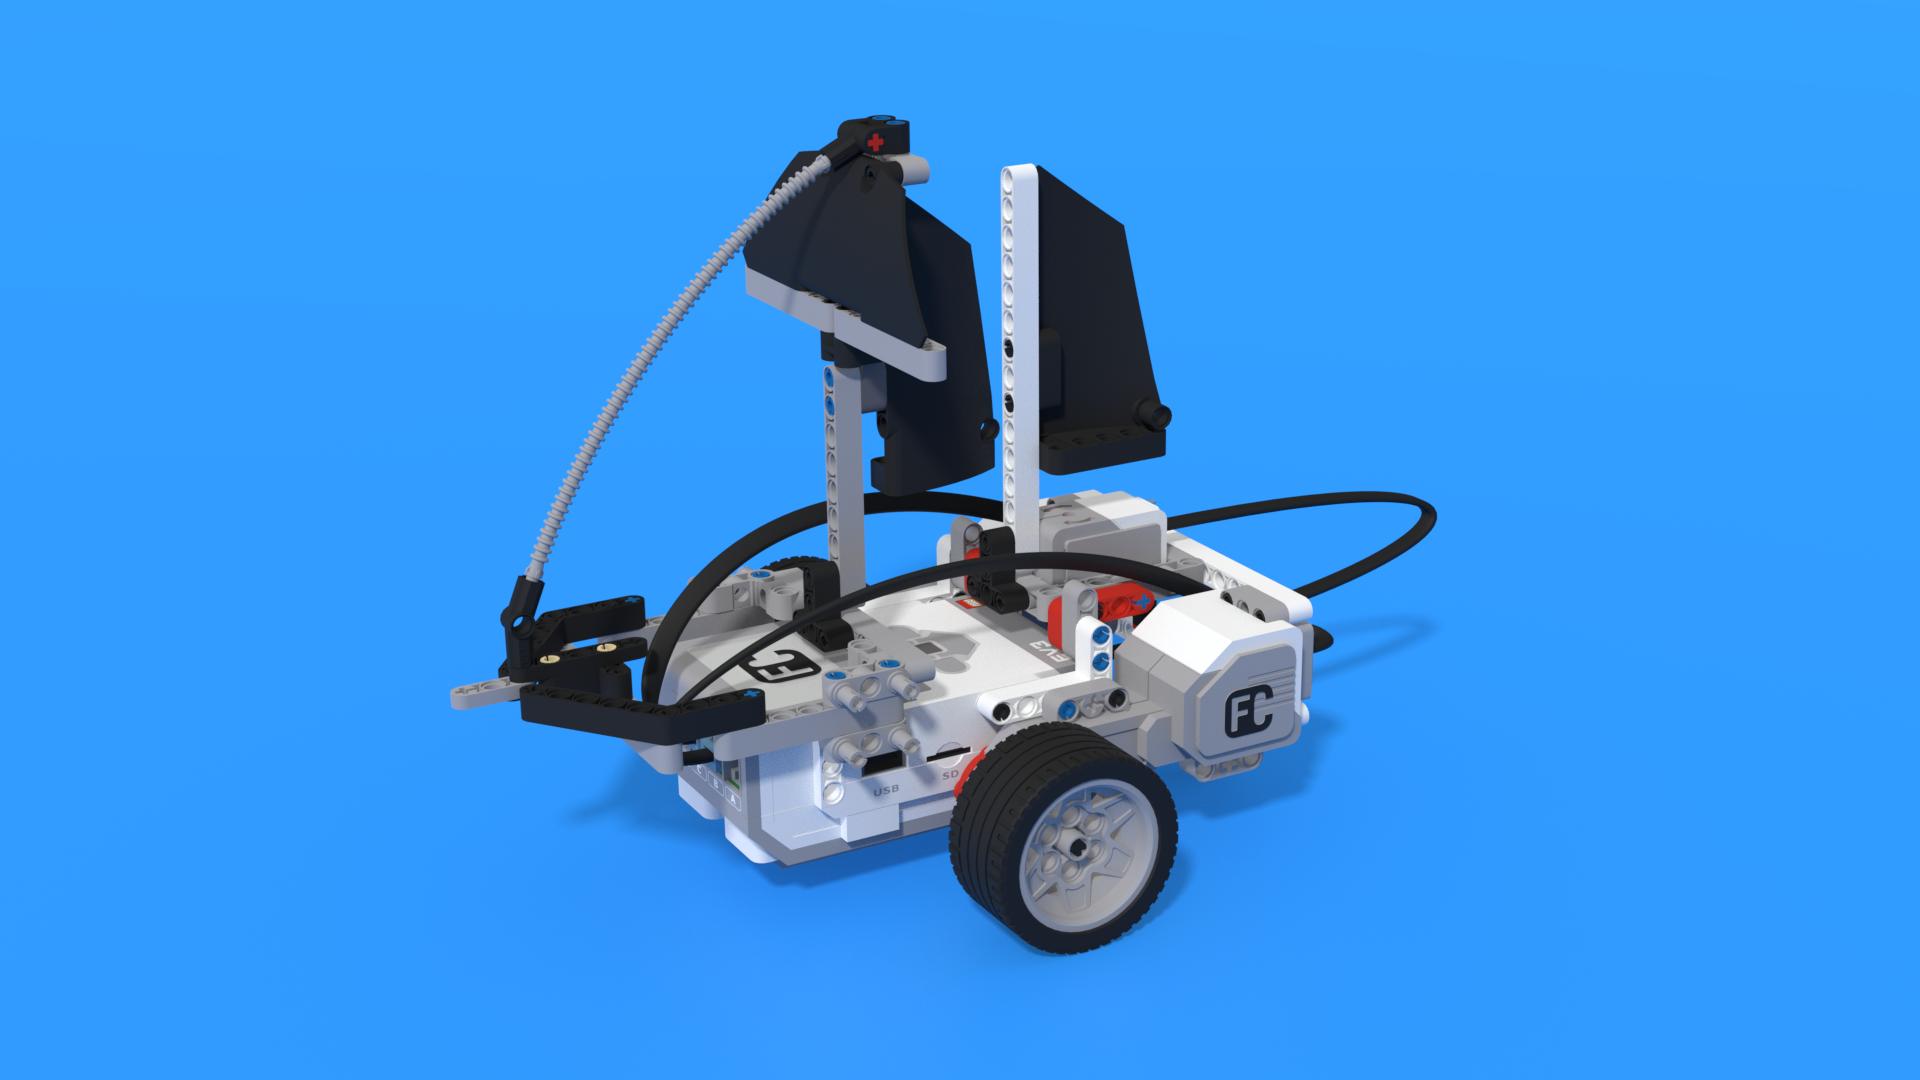 Barco - LEGO Mindstorms EV3 sailboat robot